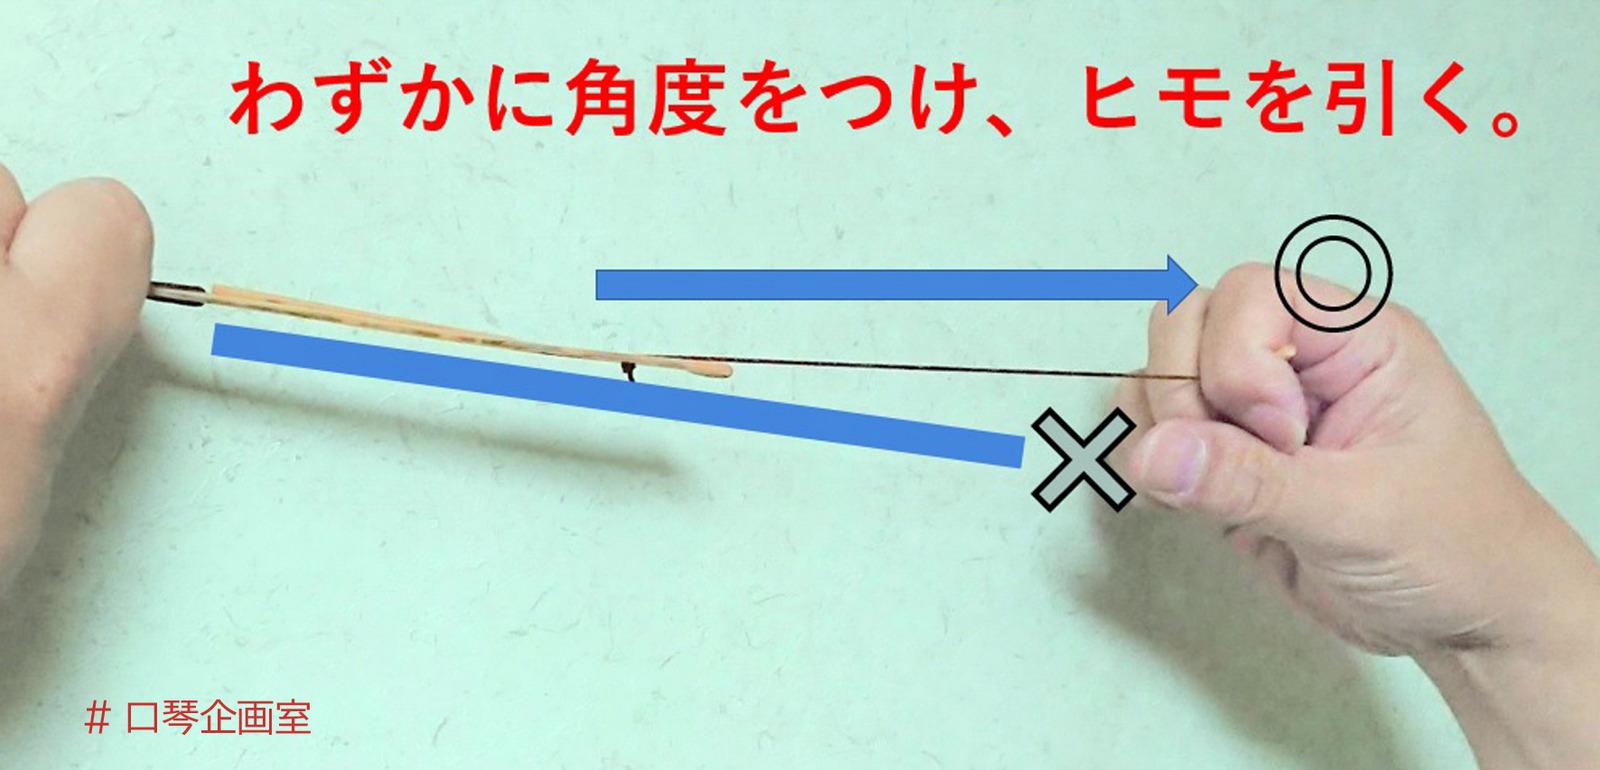 ヒモの角度